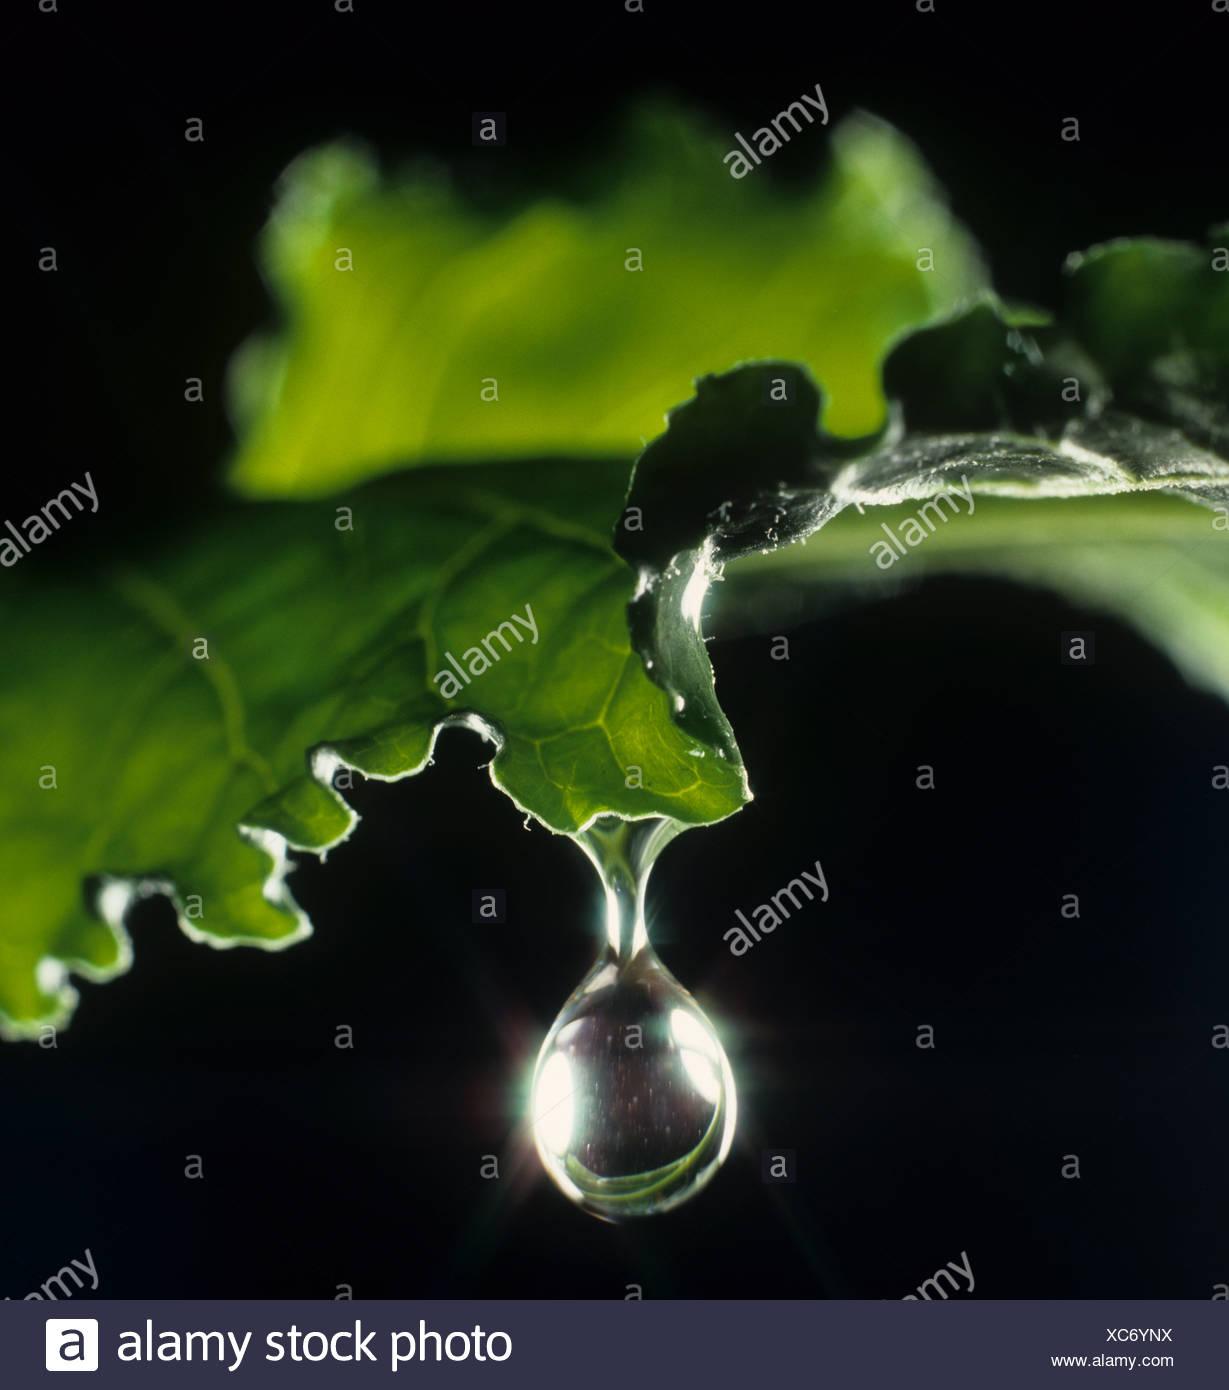 Gota de agua saliendo de una hoja de la remolacha azucarera. La caída está a punto de caer Imagen De Stock